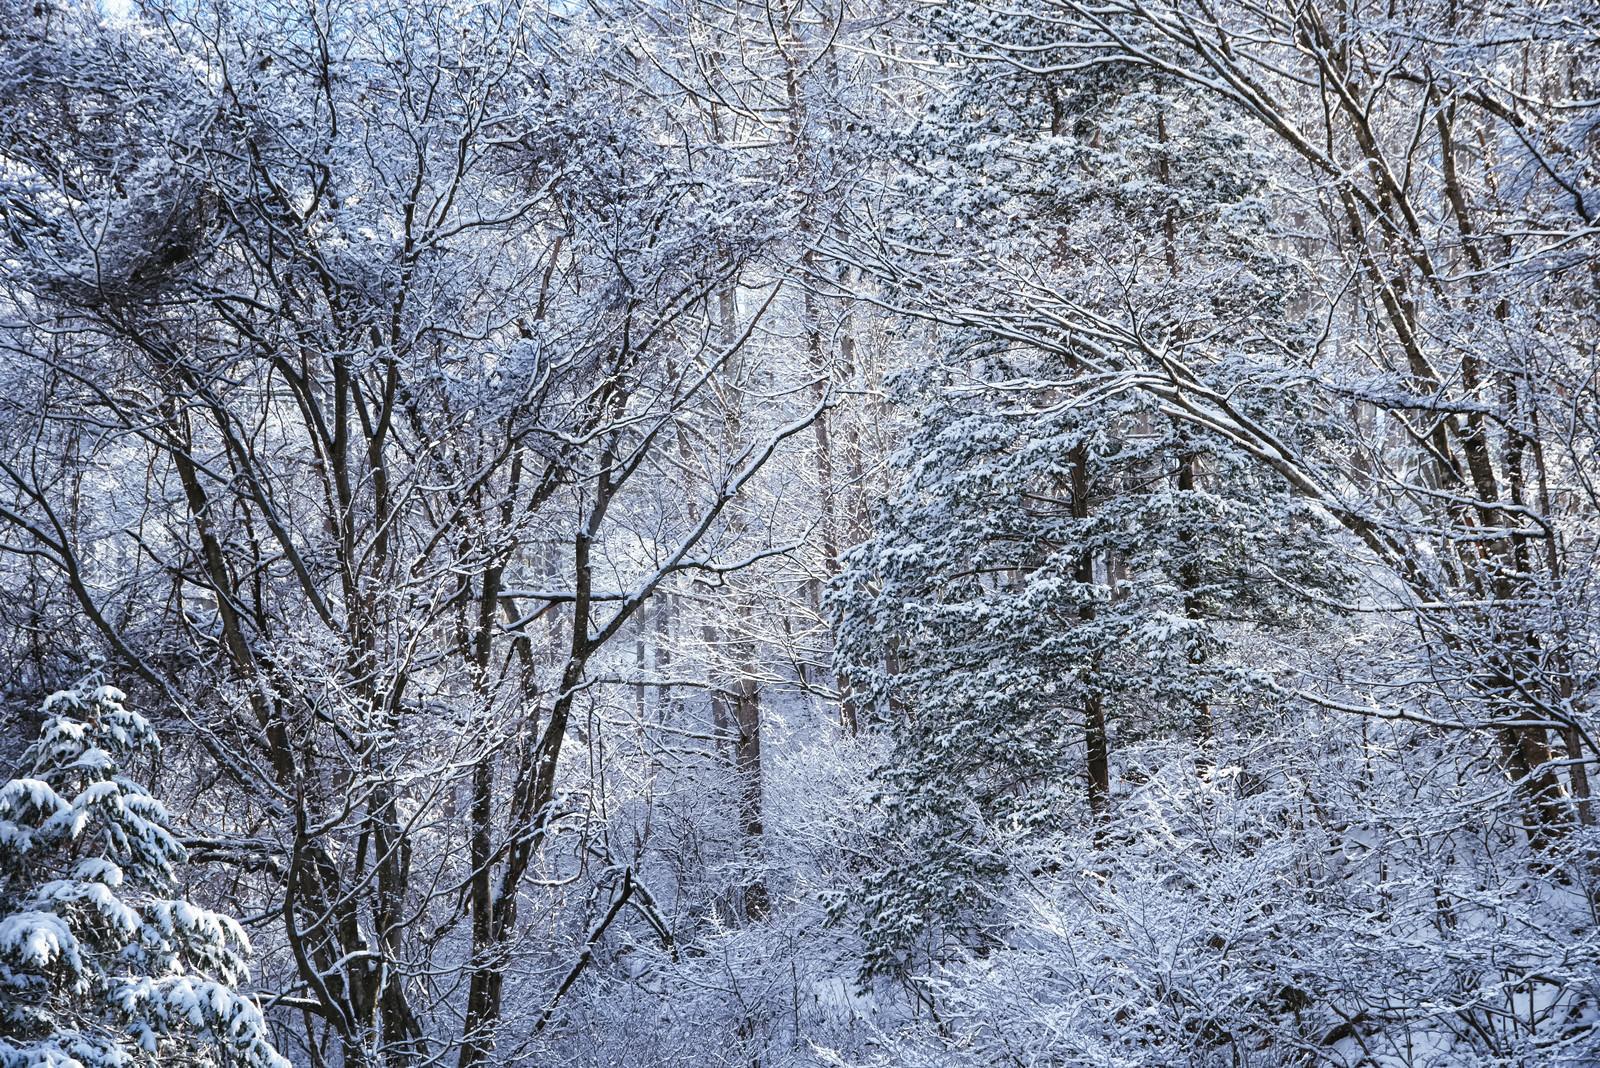 「幻想的な冬の白い森」の写真